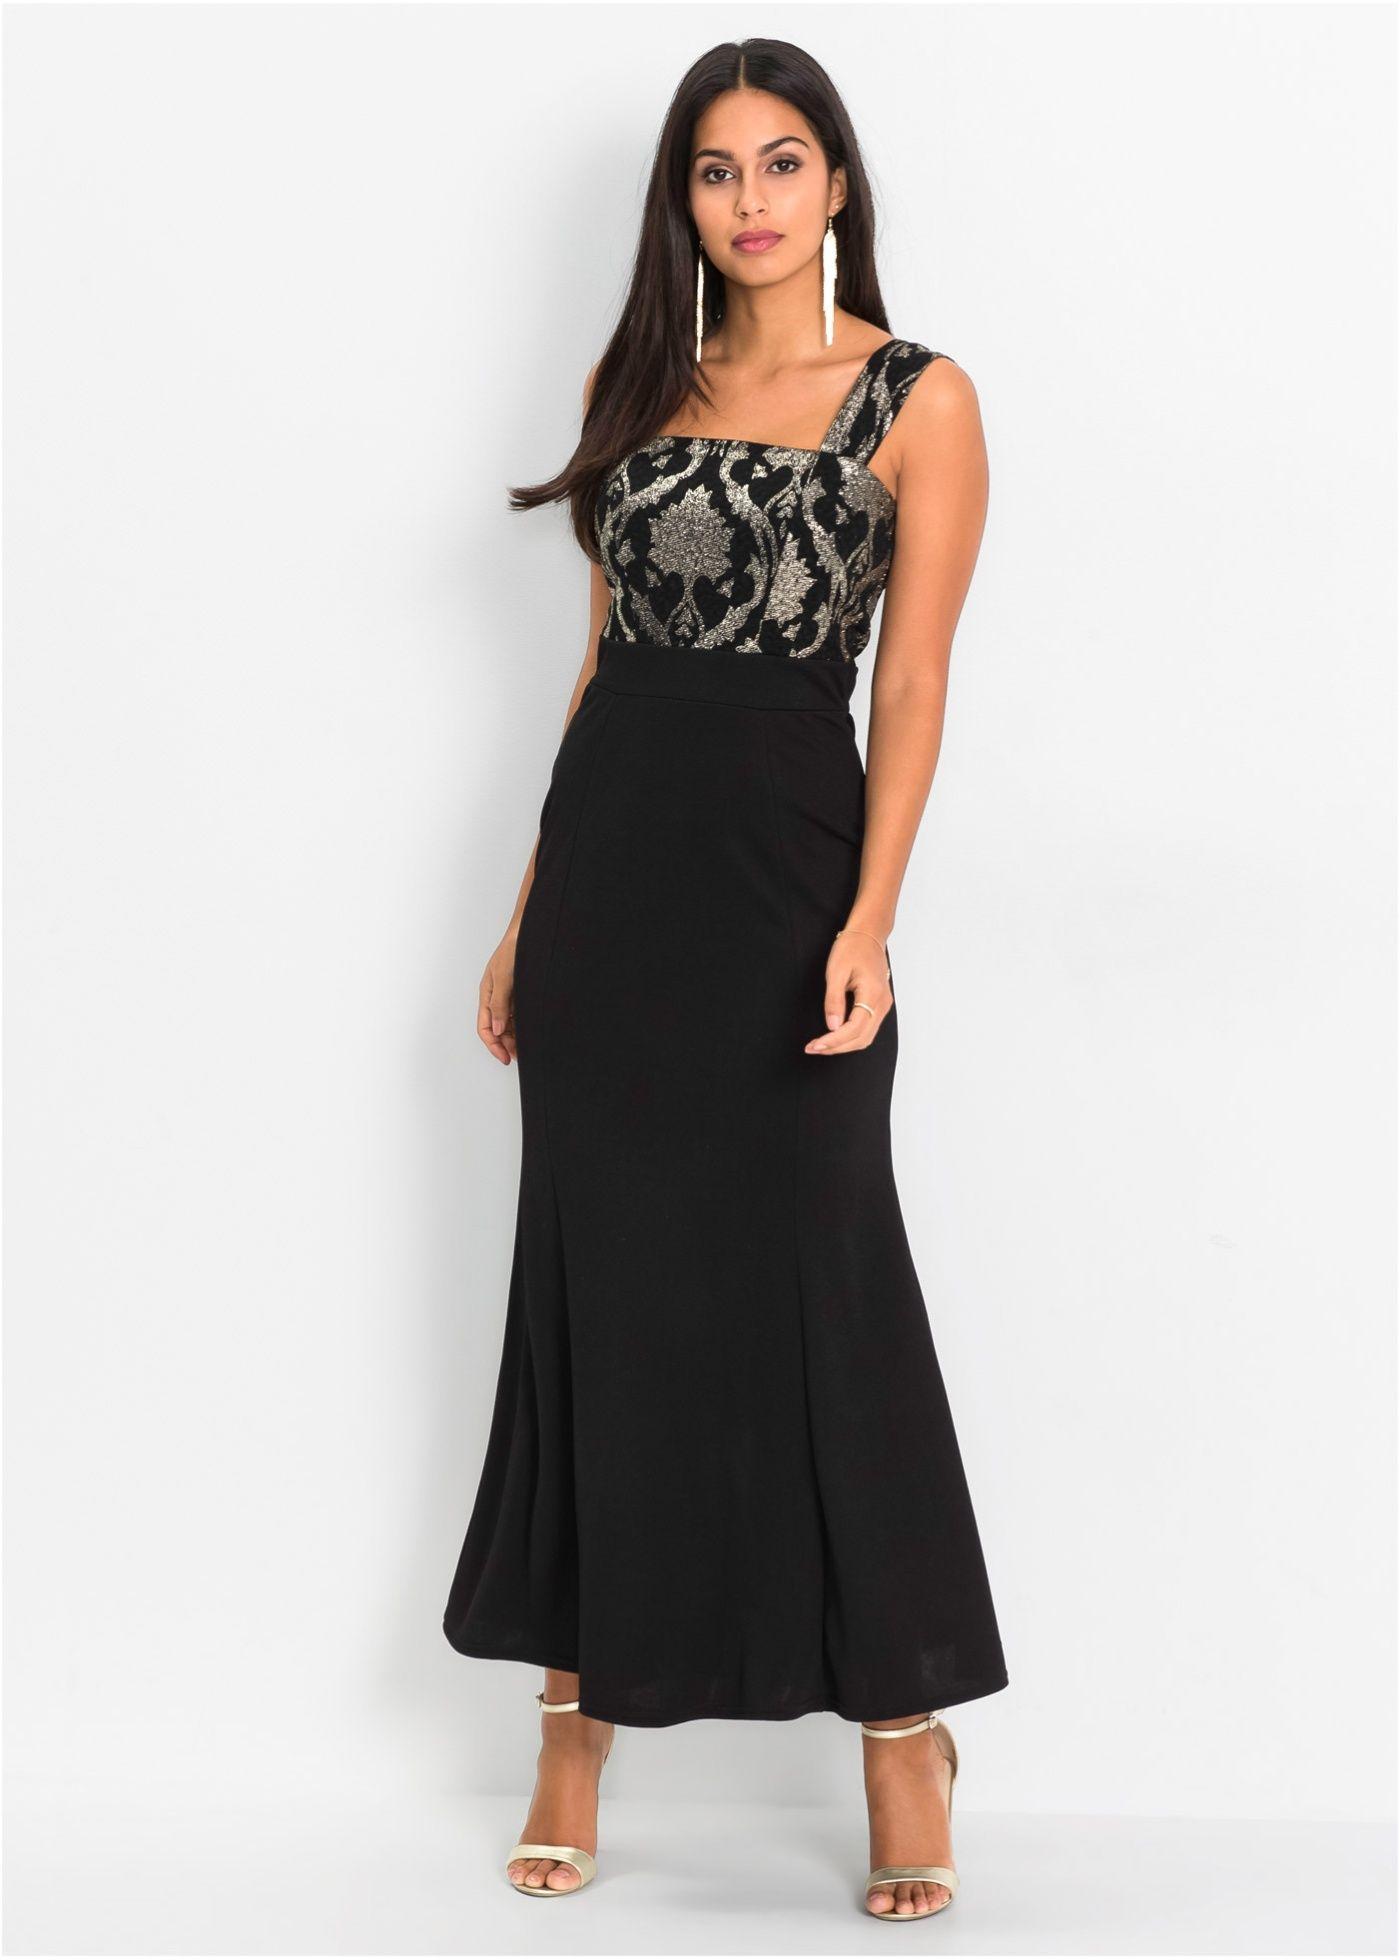 Kleid mit Brokatmuster schwarz jetzt im Online Shop von bonprix.de